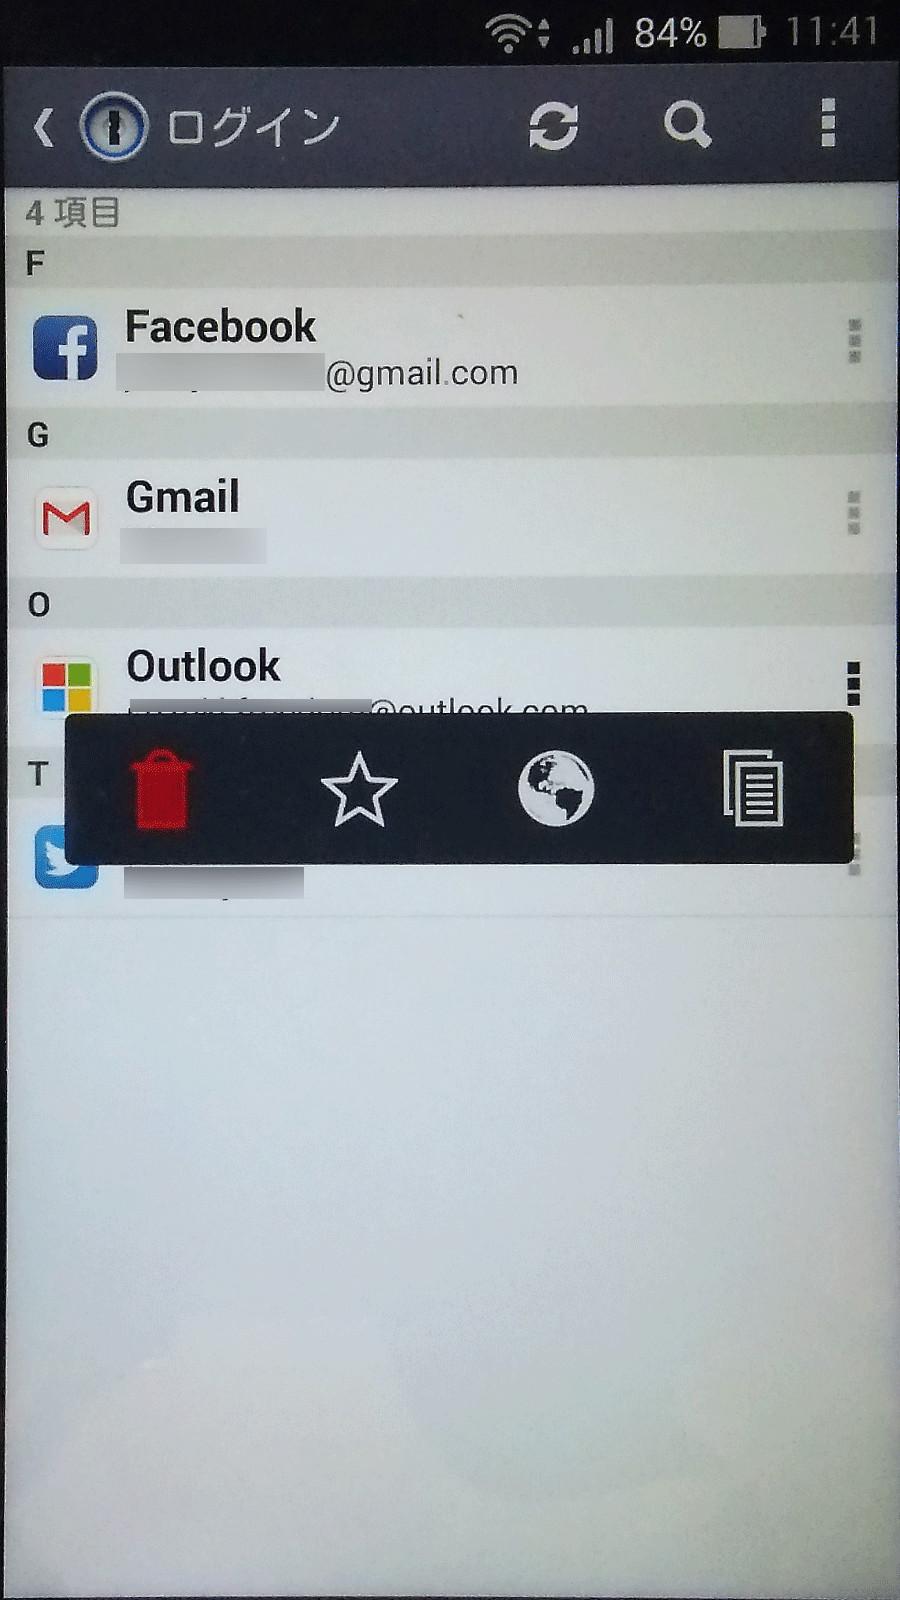 タイトル一覧で各タイトルの右側にある[…]ボタンから、Webページのアクセスやパスワードのコピーをすばやく行える